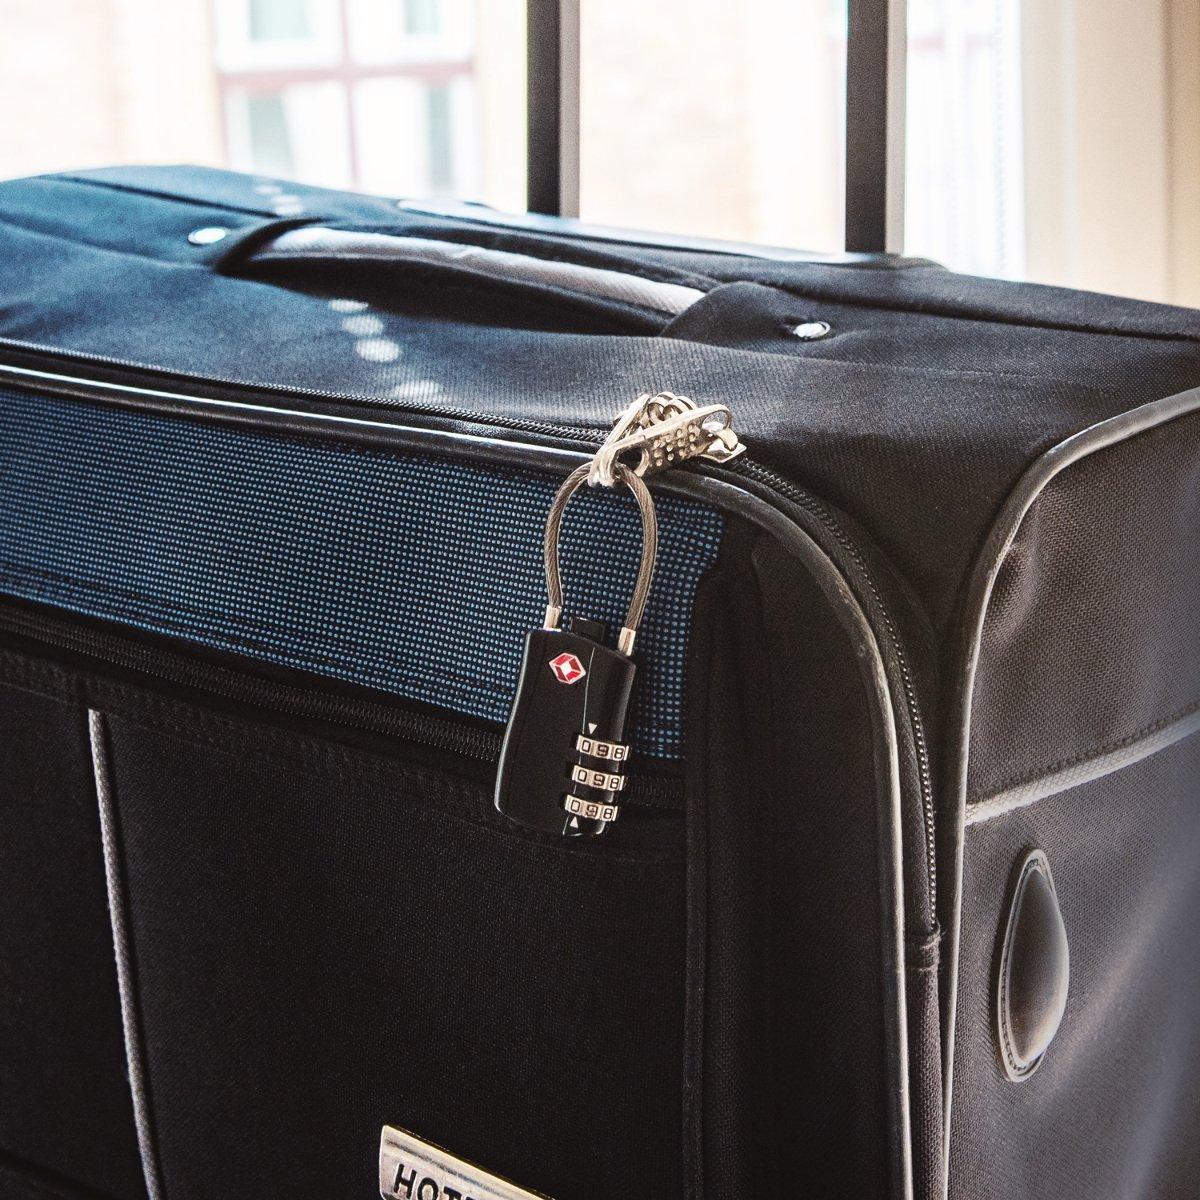 Serrure de s/écurit/é avec Combinaison 3 Chiffres pour Bagage Sac de Voyage Lot 2 Cadenas de Valise homologu/é TSA kwmobile Cadenas /à Code Argent/é